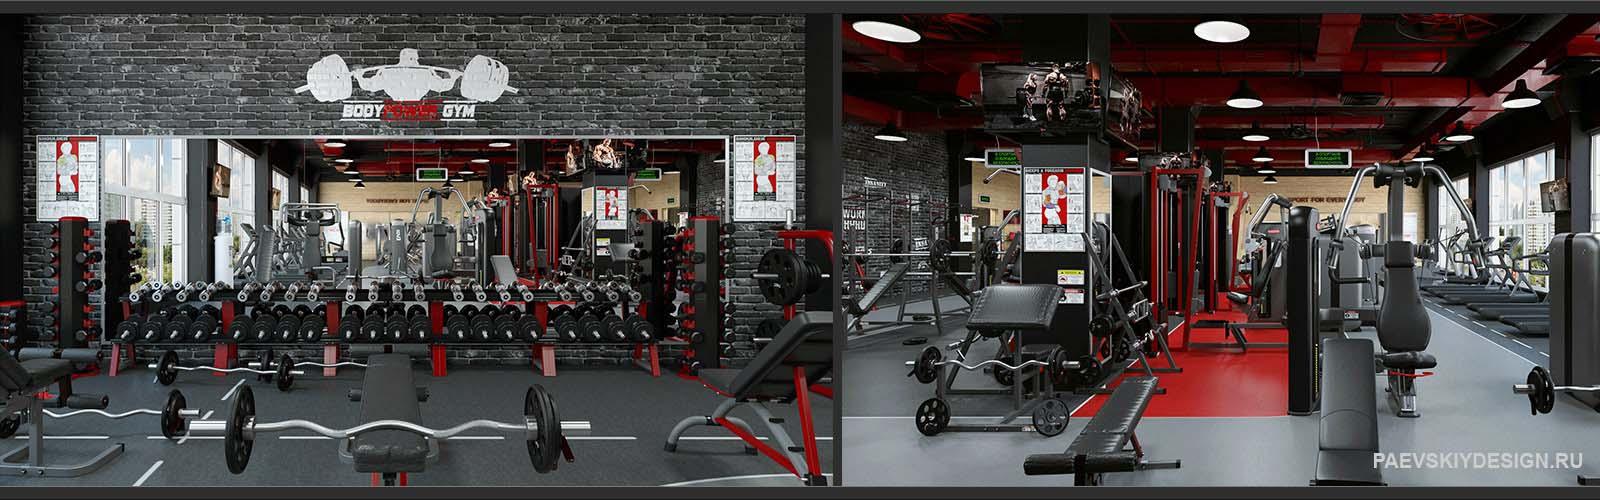 Современное оформление интерьера тренажерного зала, фитнесс центра